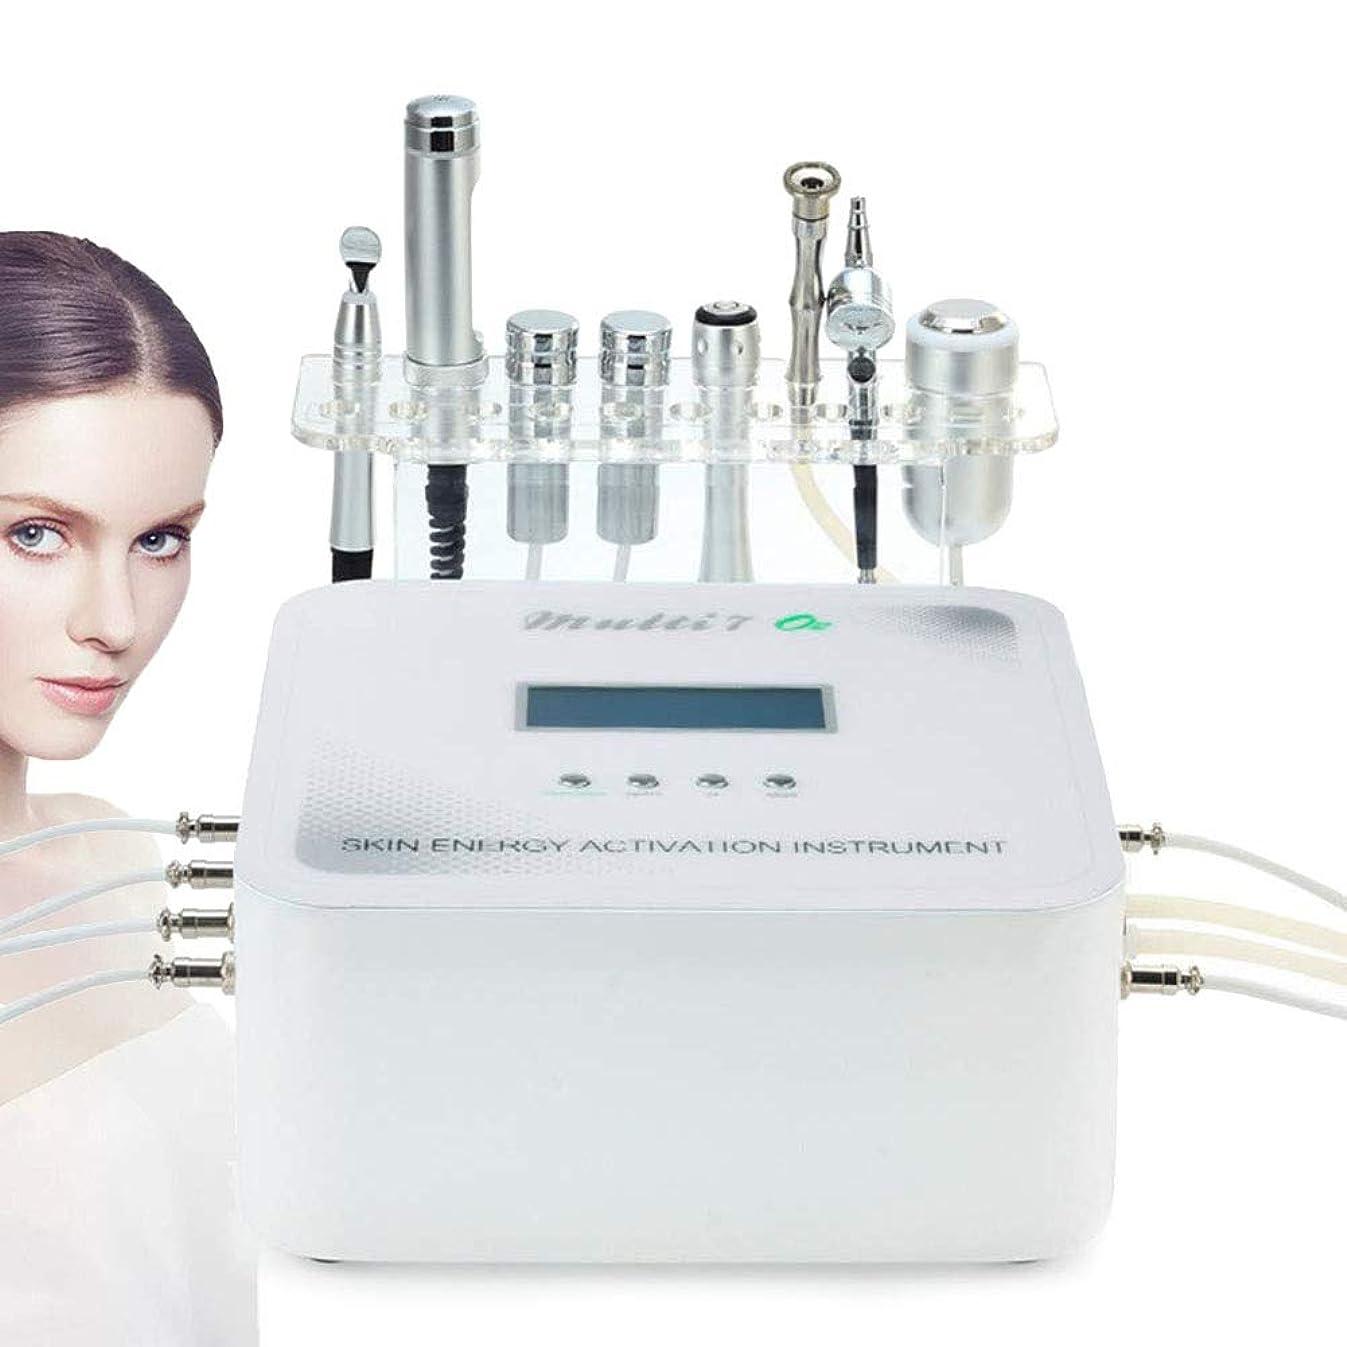 コロニー法廷徹底的に1つの美顔術のスキンケアに付き7つ高周波振動 RF 微小電流 美容メソセラピー機